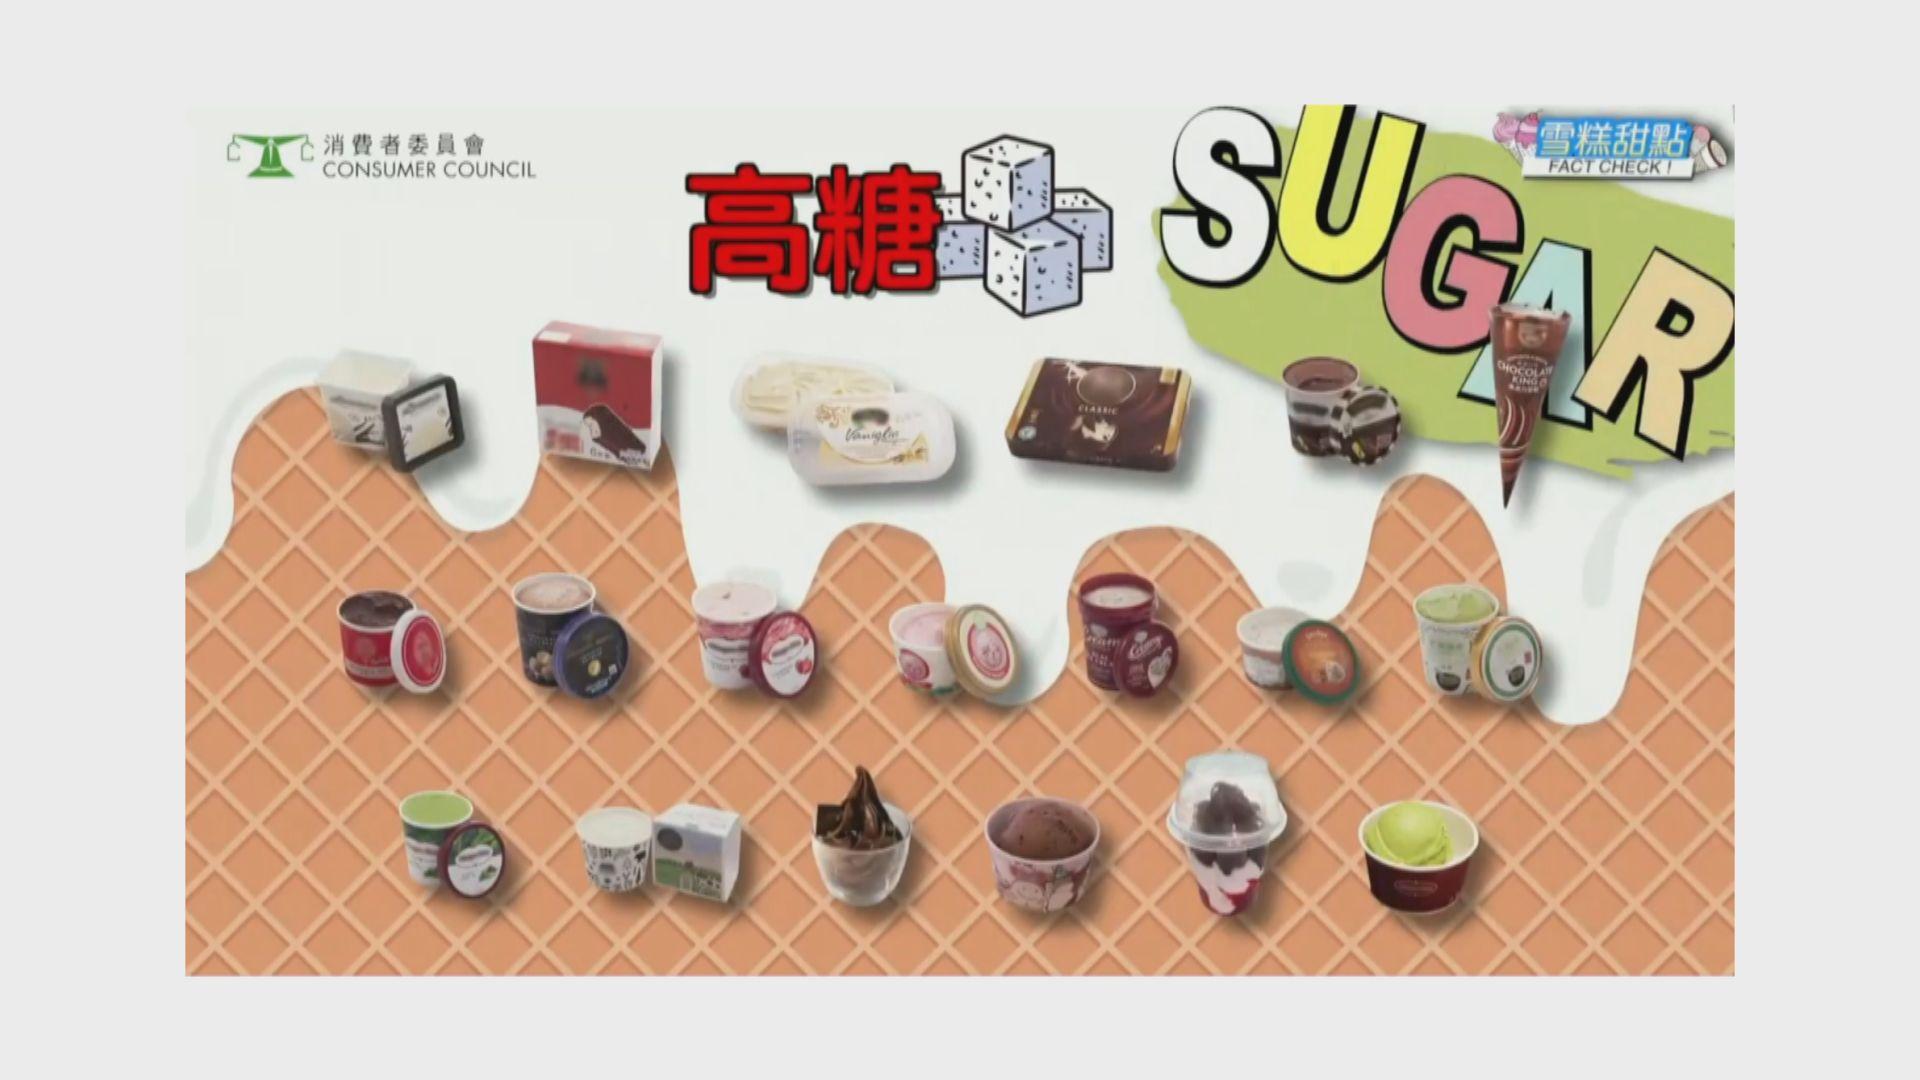 【消委會報告】六成半測試雪糕高糖 2款含菌超標